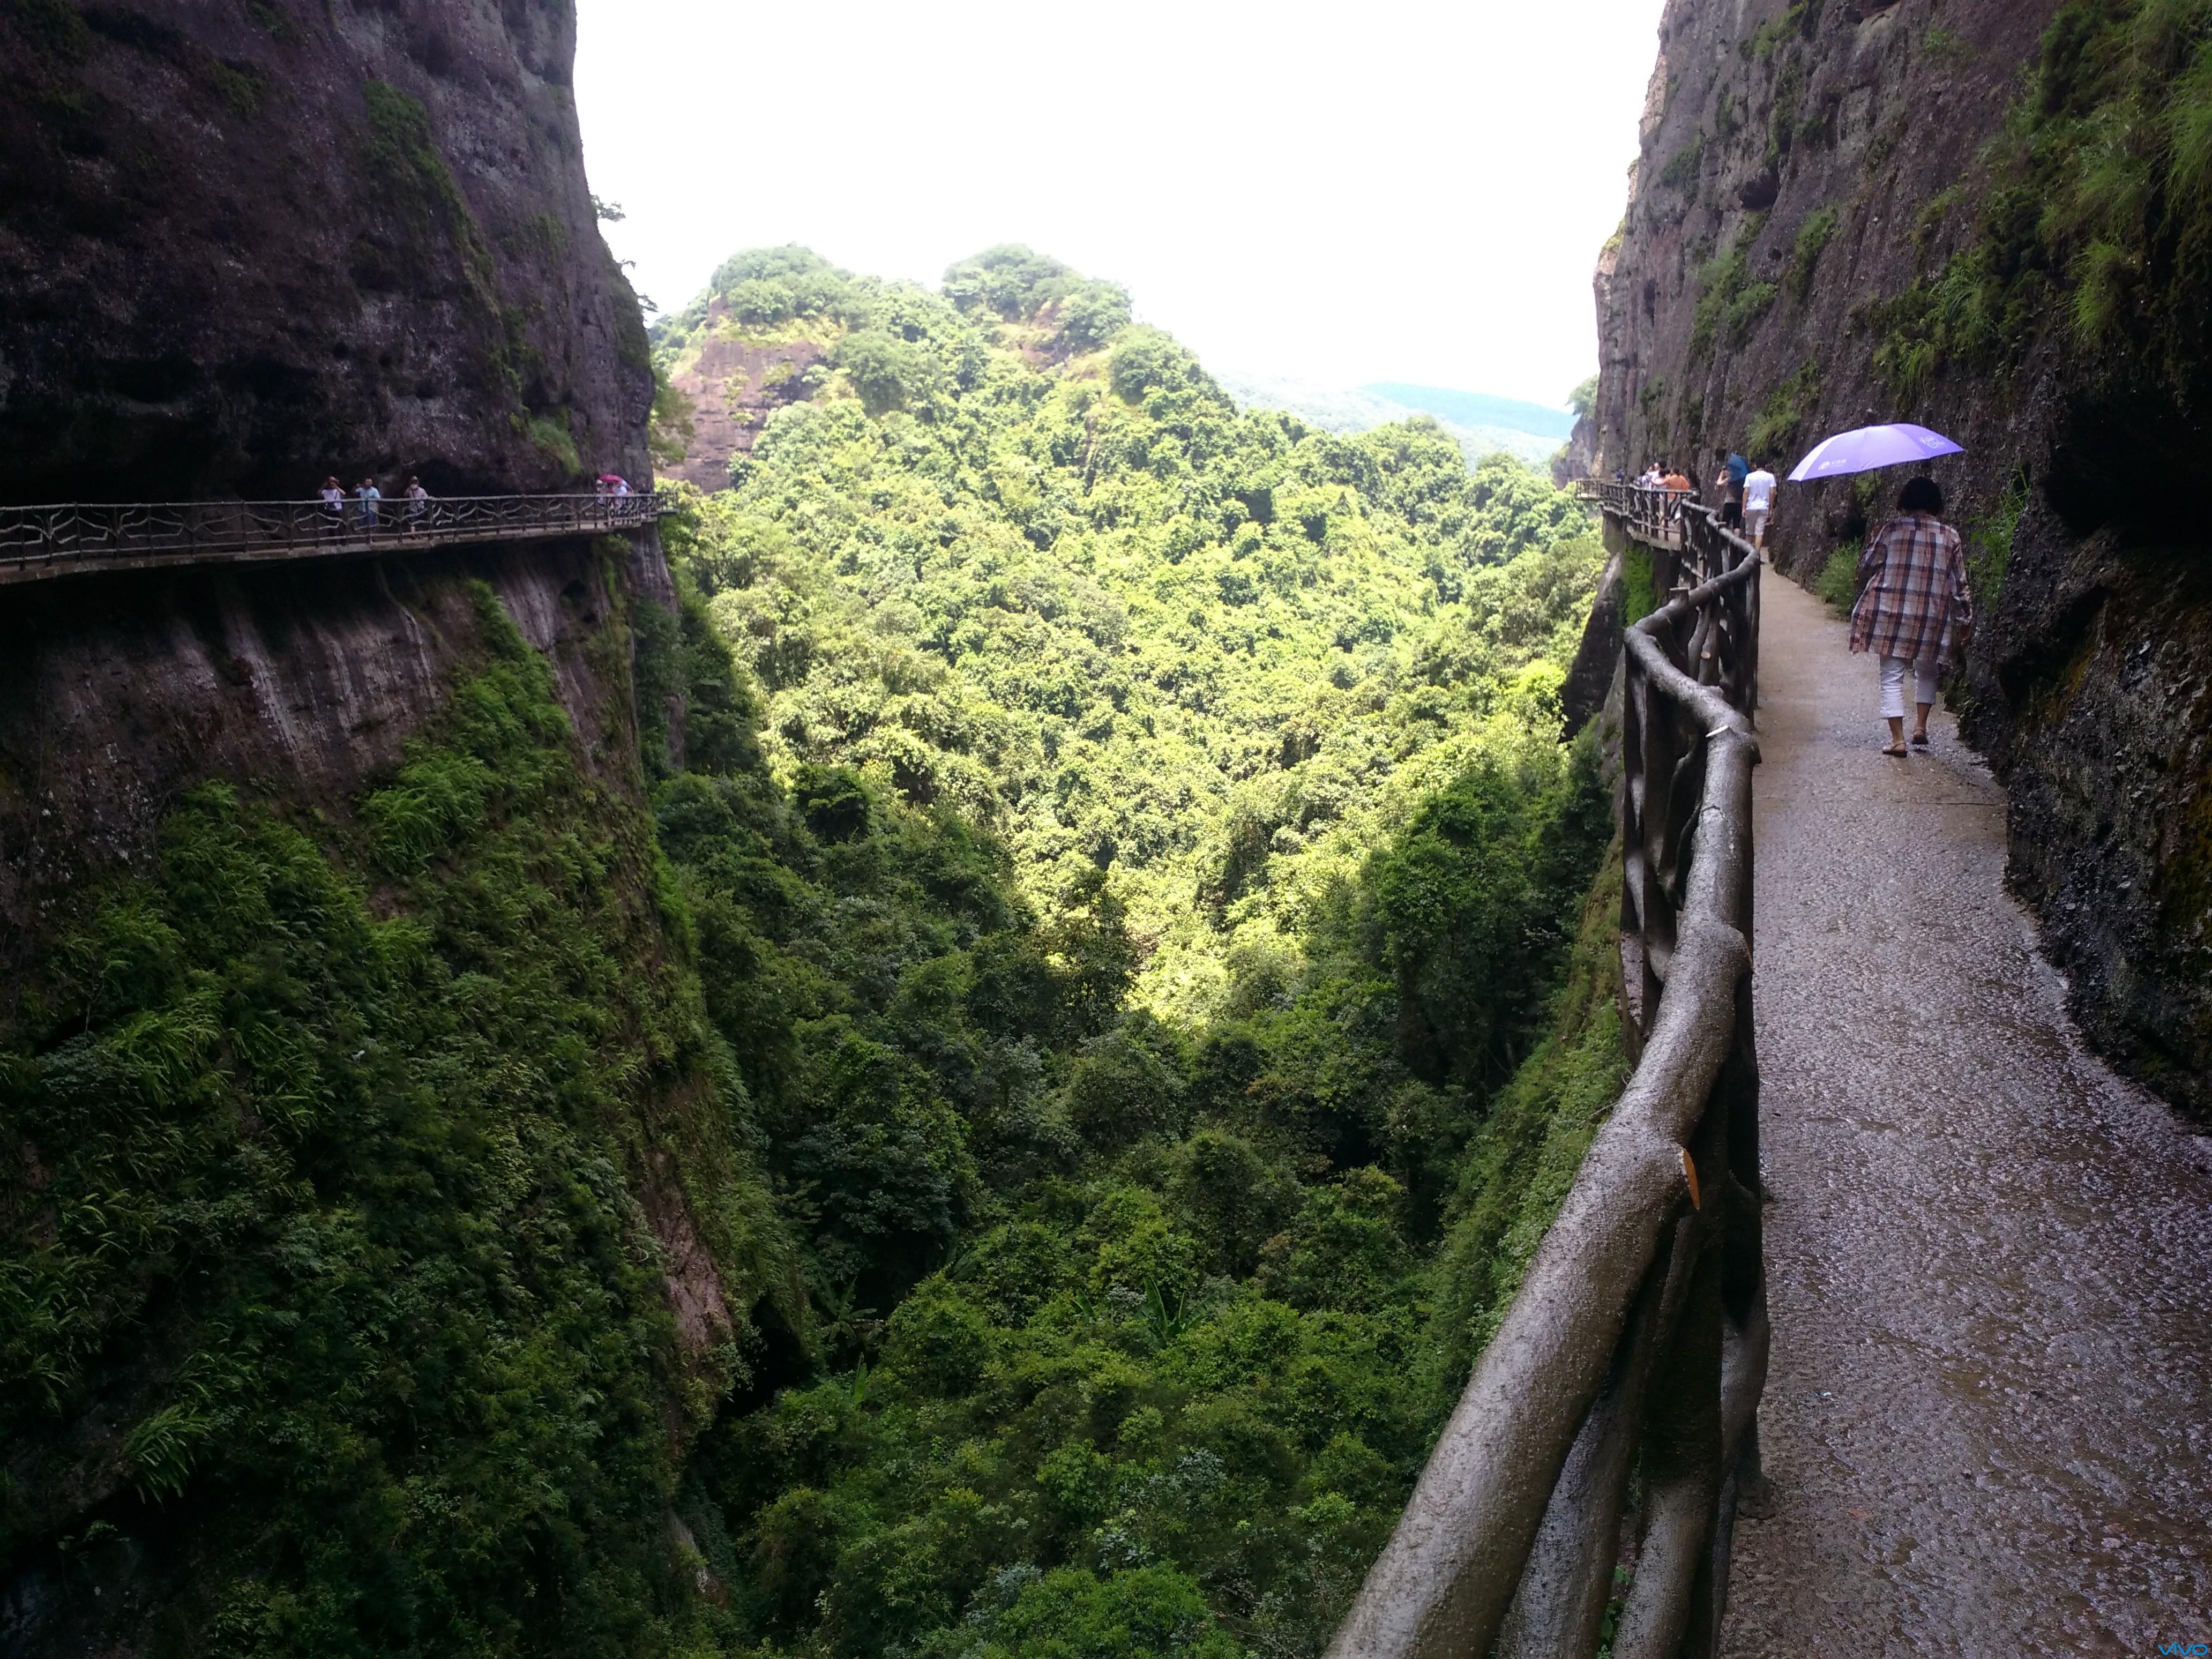 广东梅州名胜古迹图片 大图_广东梅州蕉岭风景图_风景520